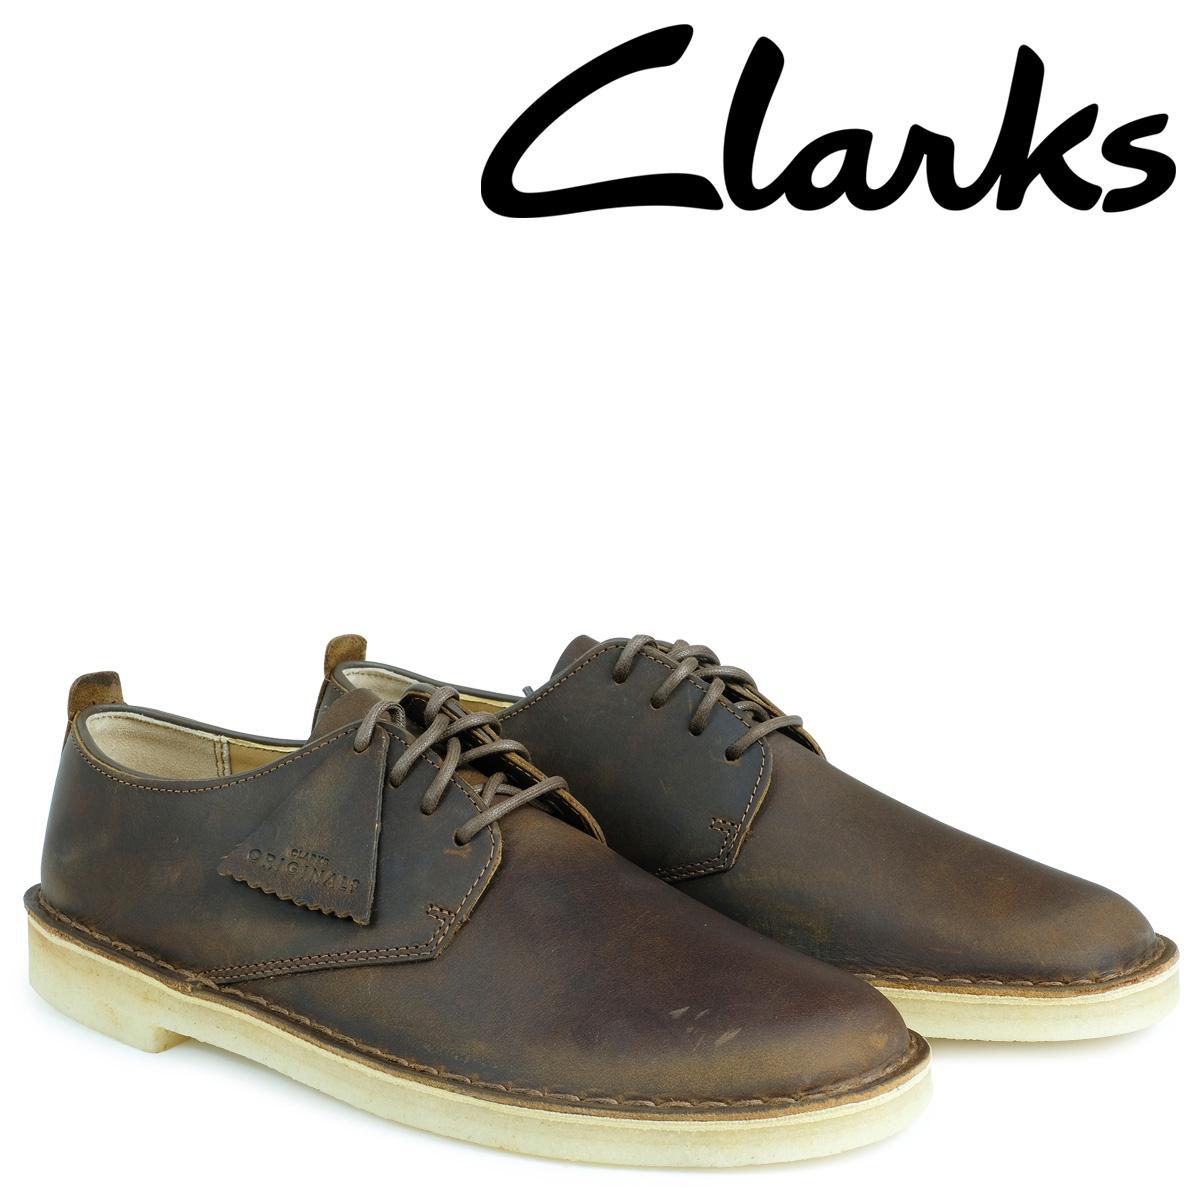 クラークス Clarks デザート ロンドン シューズ メンズ DESERT LONDON 26107880 ブラウン